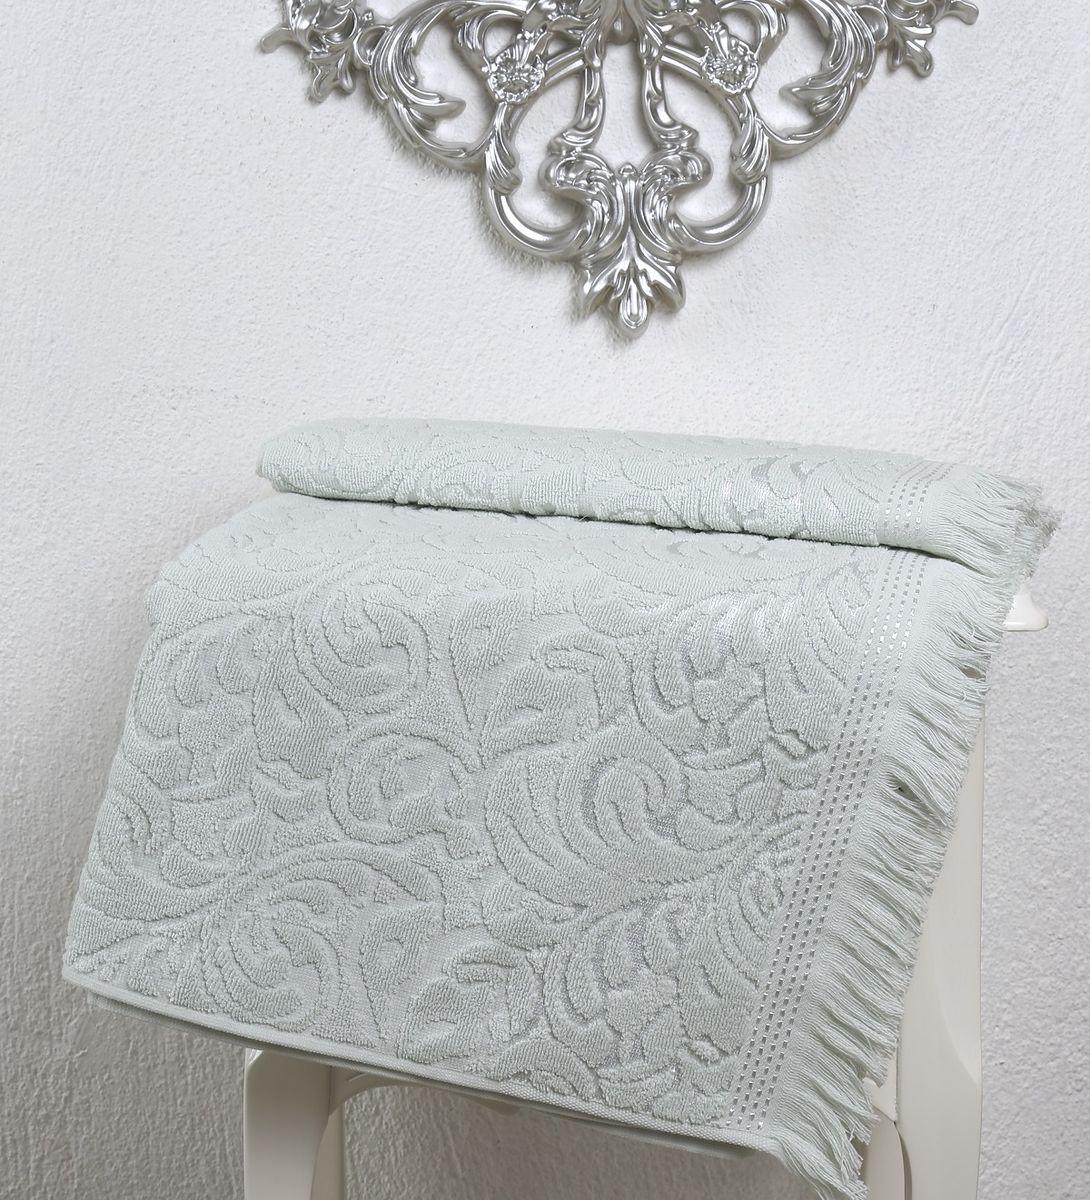 Полотенце Karna Esra, цвет: светло-зеленый, 70 х 140 см68/5/2Полотенце Karna изготавлено из высококачественных хлопковых нитей.Полотенце отлично впитывает воду и быстро сохнет.Отличительной особенностью данной модели является её оригинальный рисунок (вышивка) и подарочная упаковка. Декор в виде вышивки и бахромы хорошо смотрится. Вышитые изображения отличаются своей долговечностью и практичностью, они не выгорают и не линяют.Размер полотенца: 70 х 140 см.